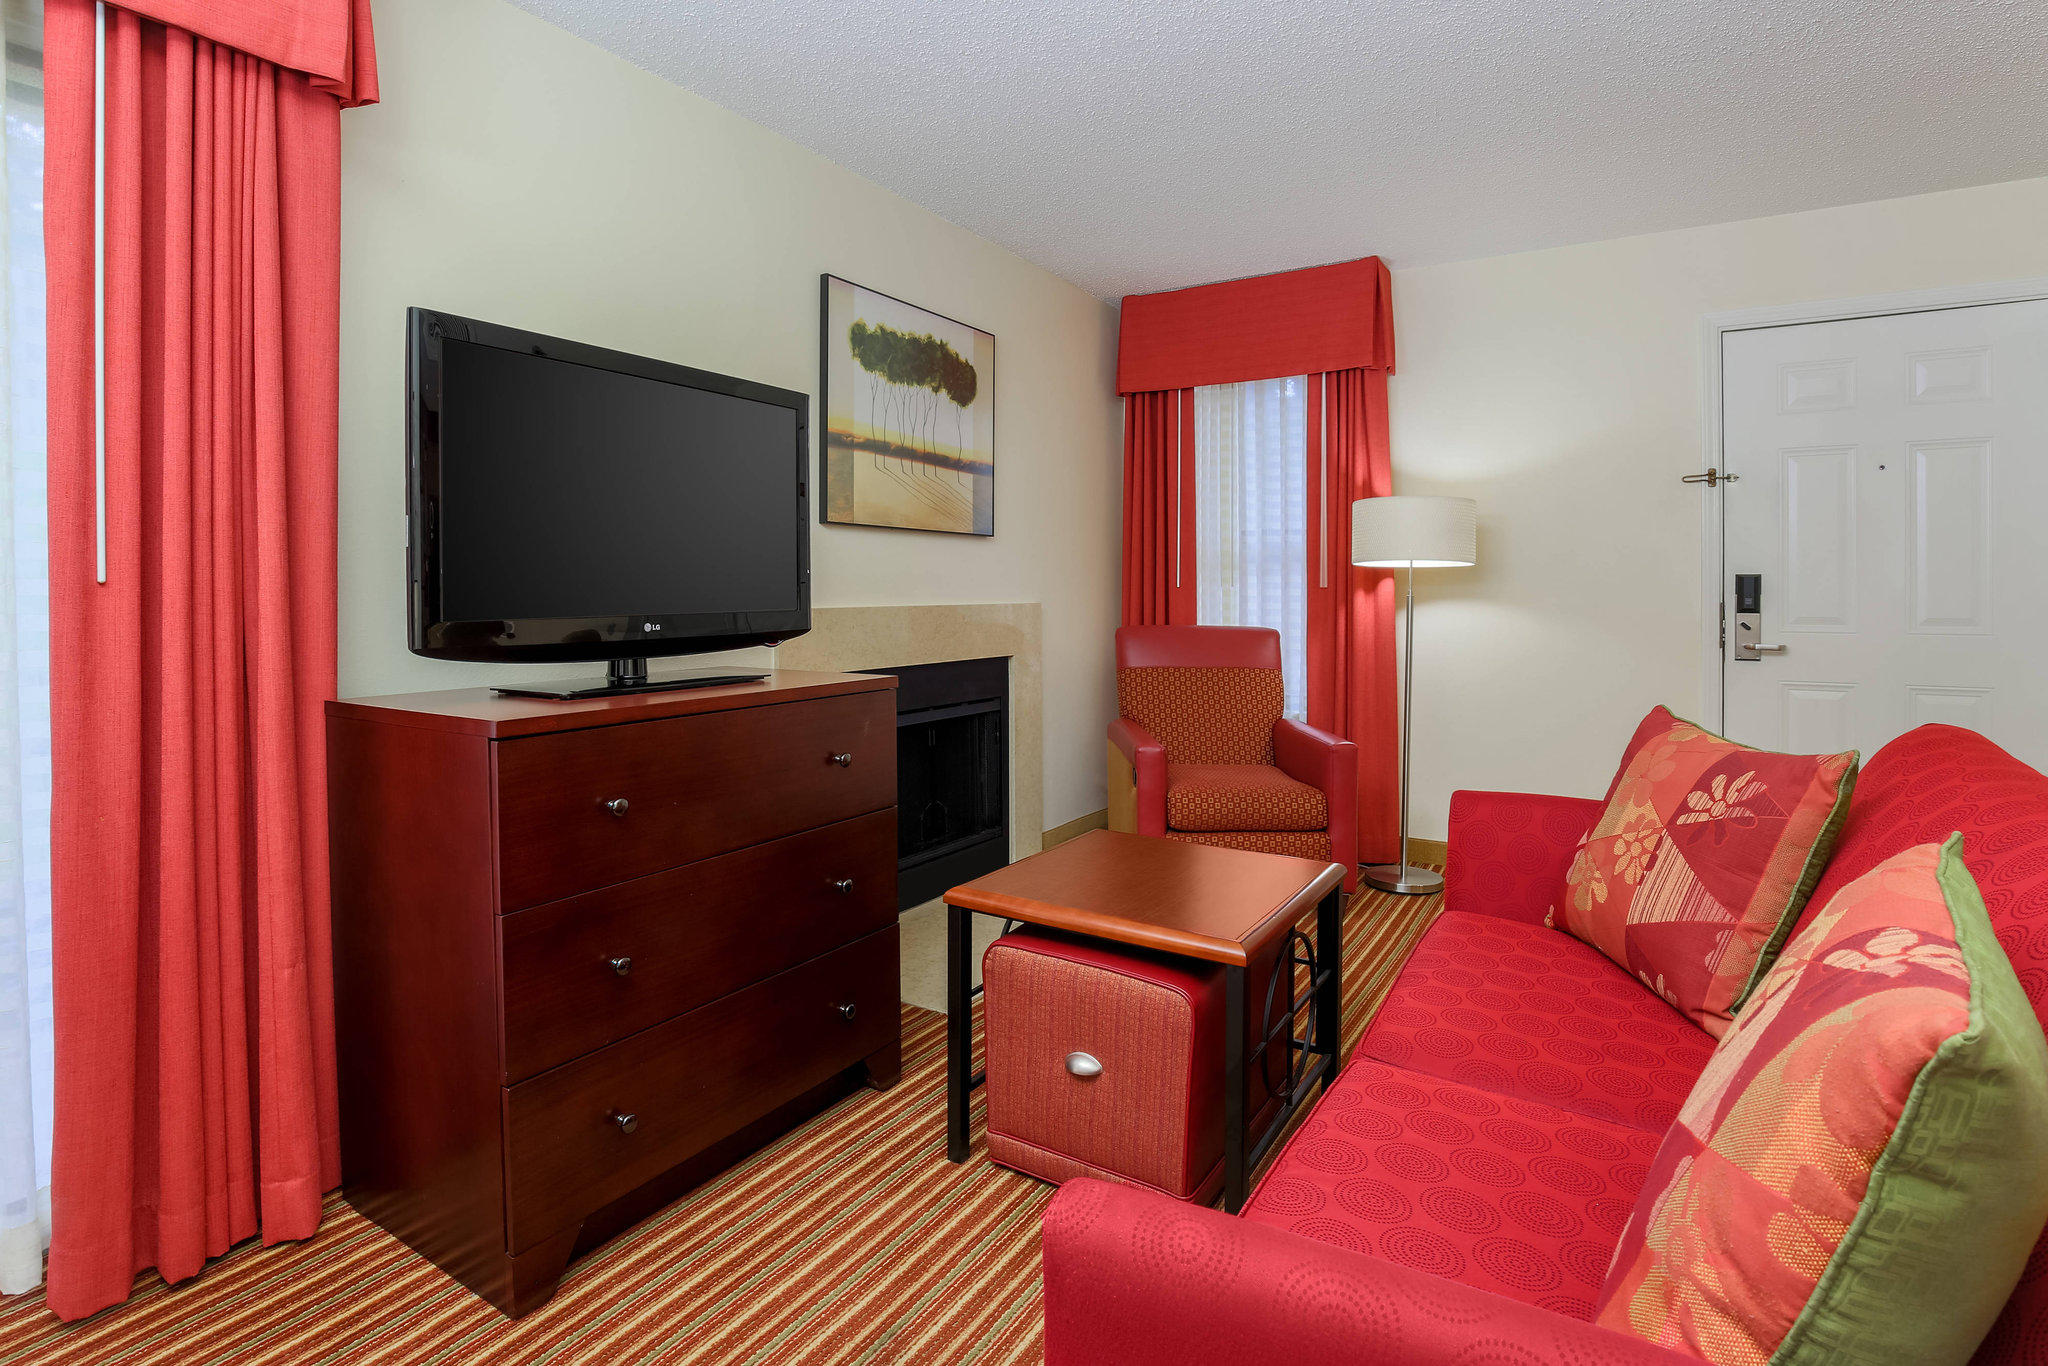 Residence Inn by Marriott St. Louis Galleria